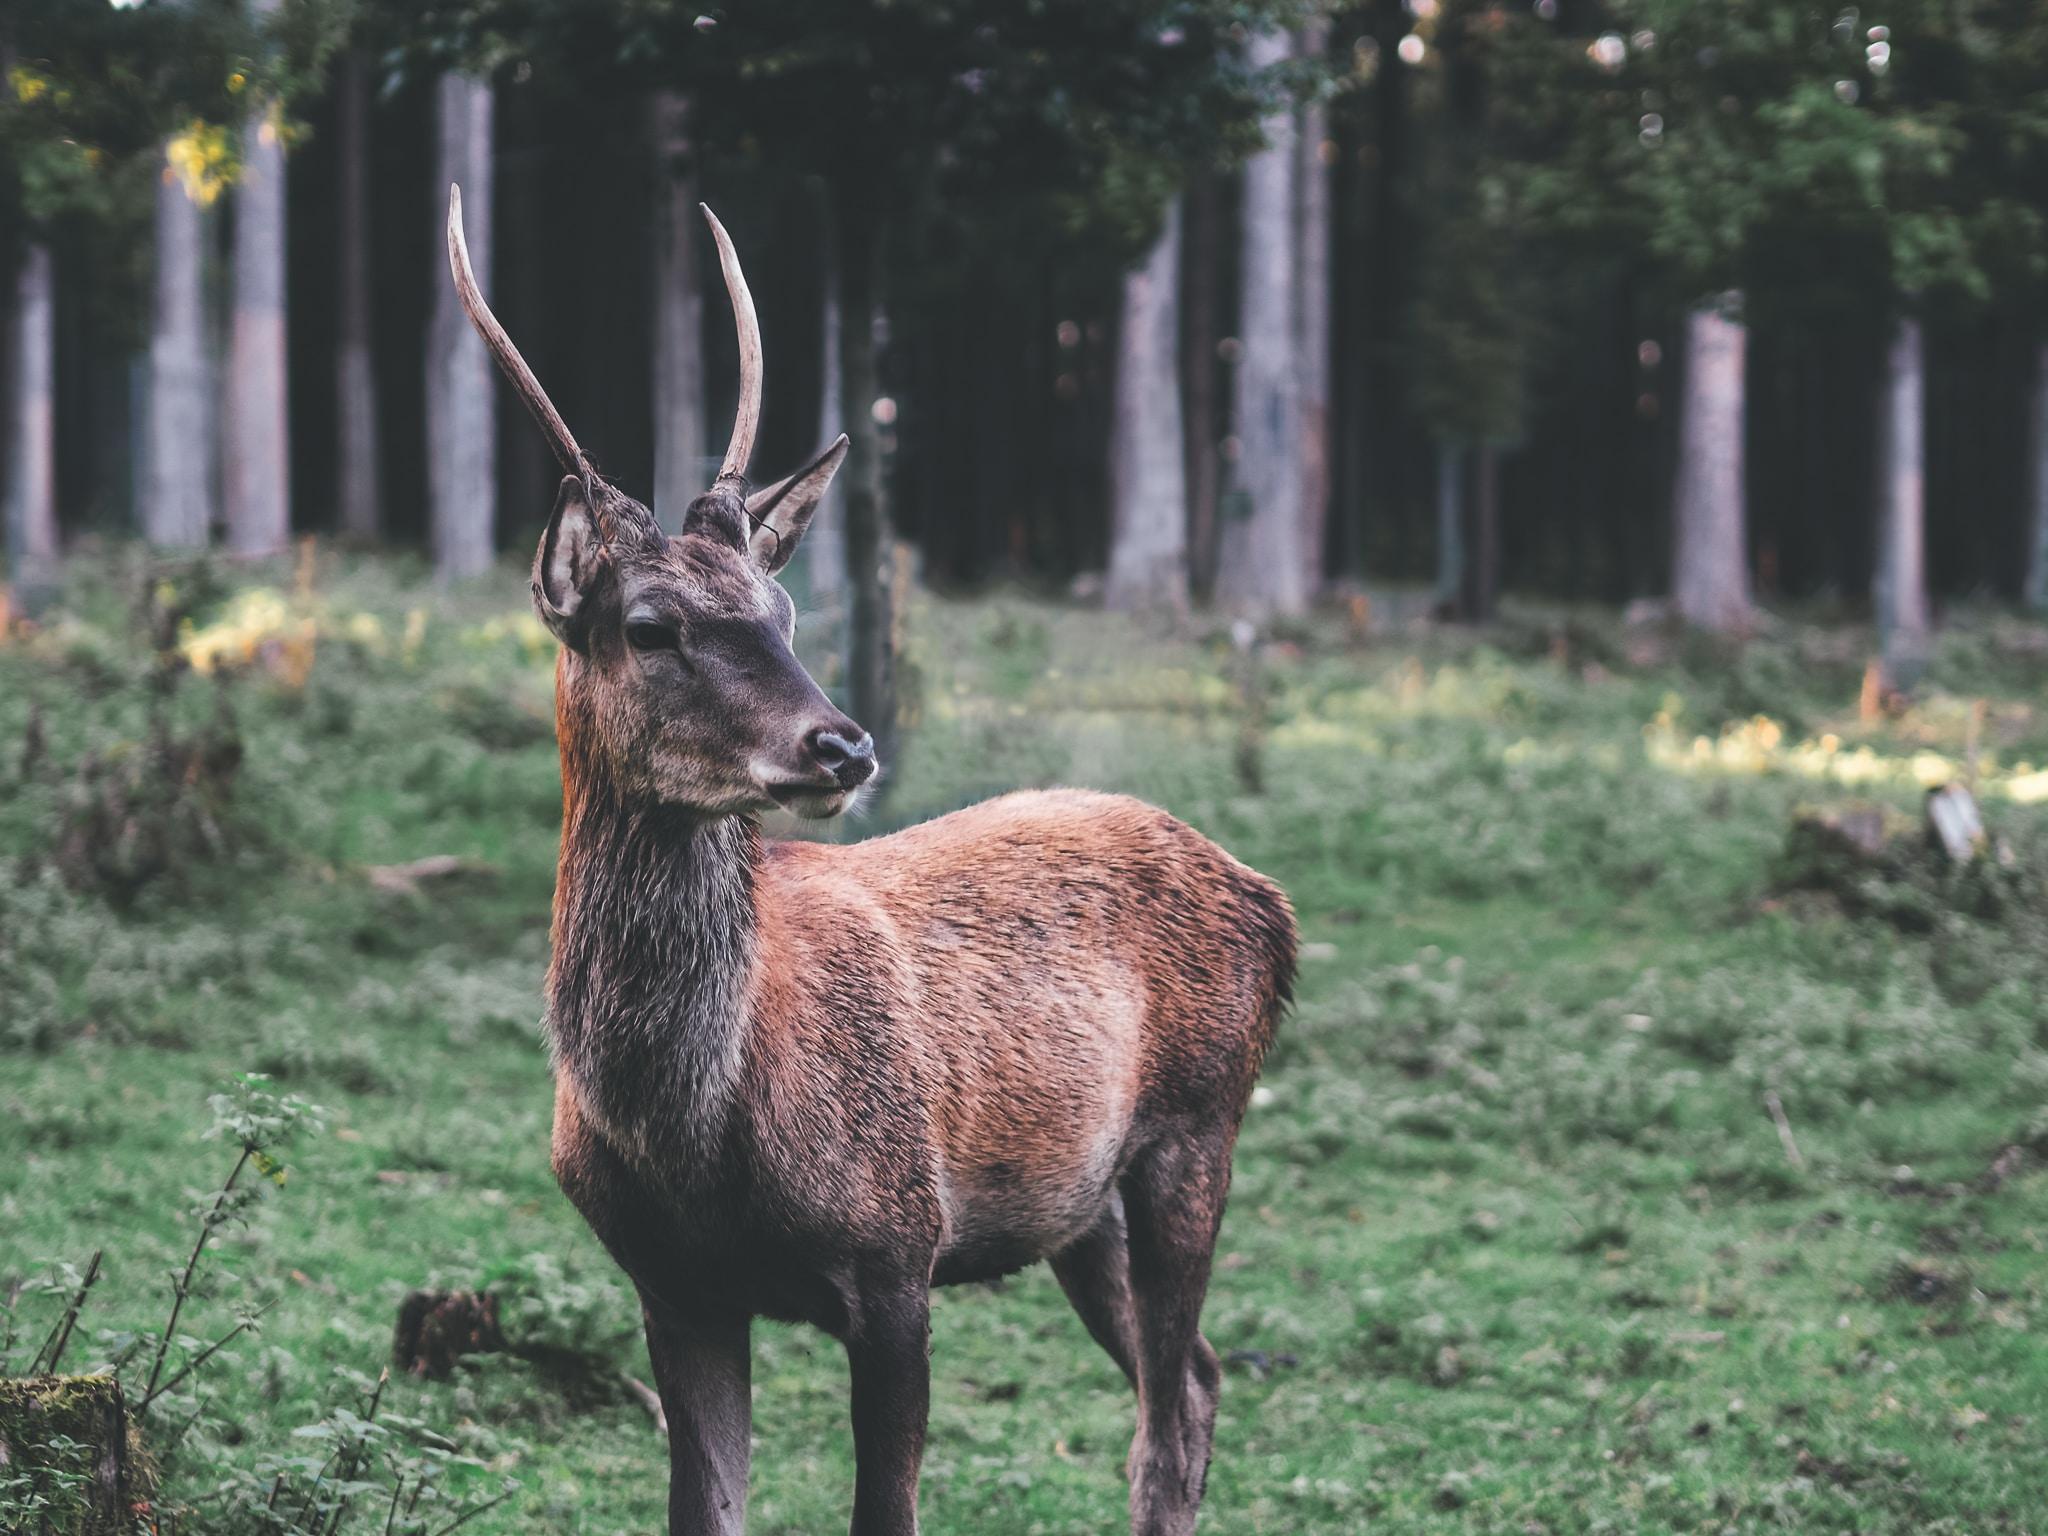 brown deer standing on field